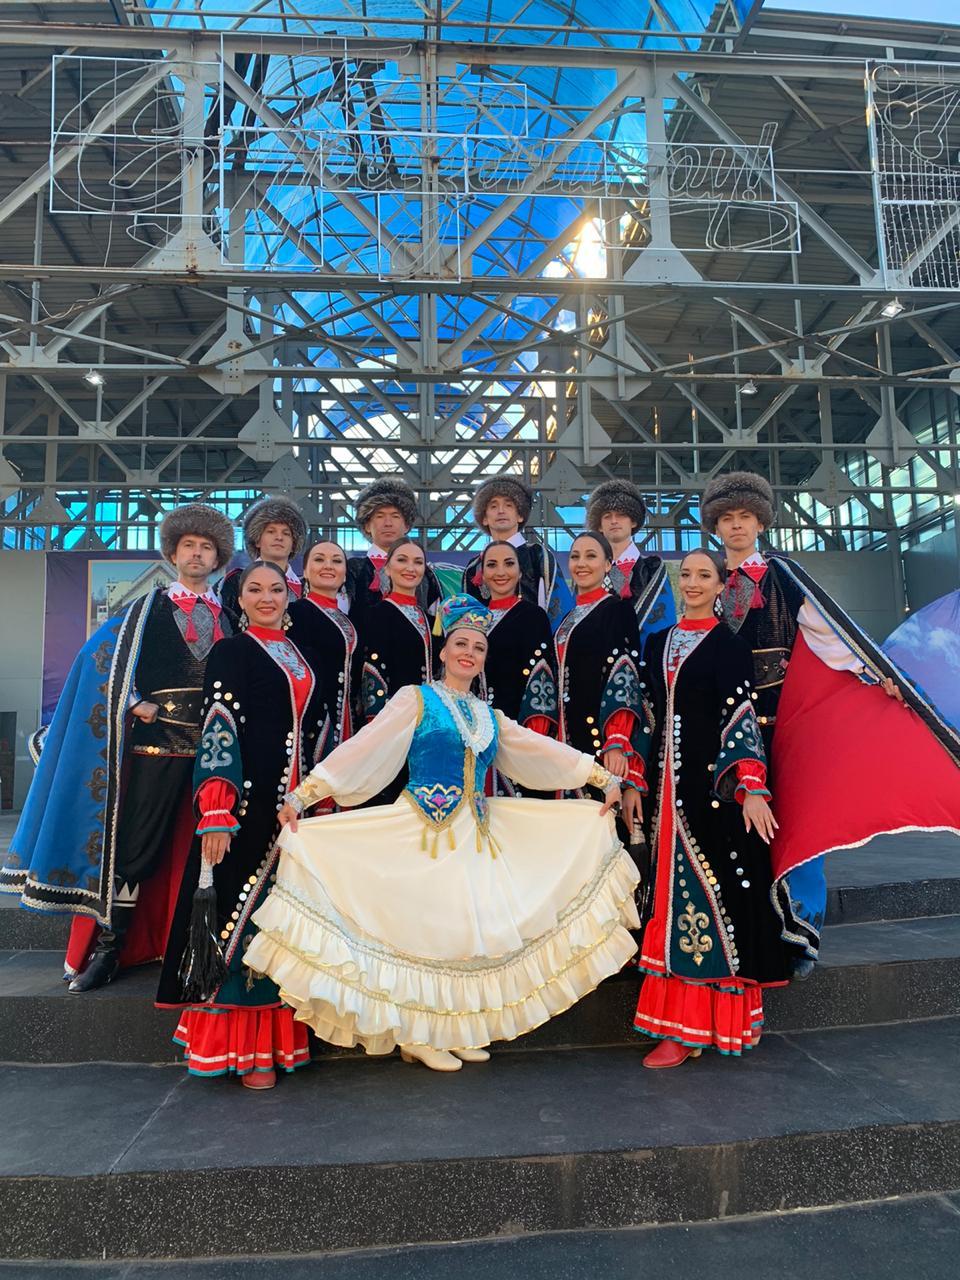 Сегодня отмечается День национального костюма народов Республики Башкортостан